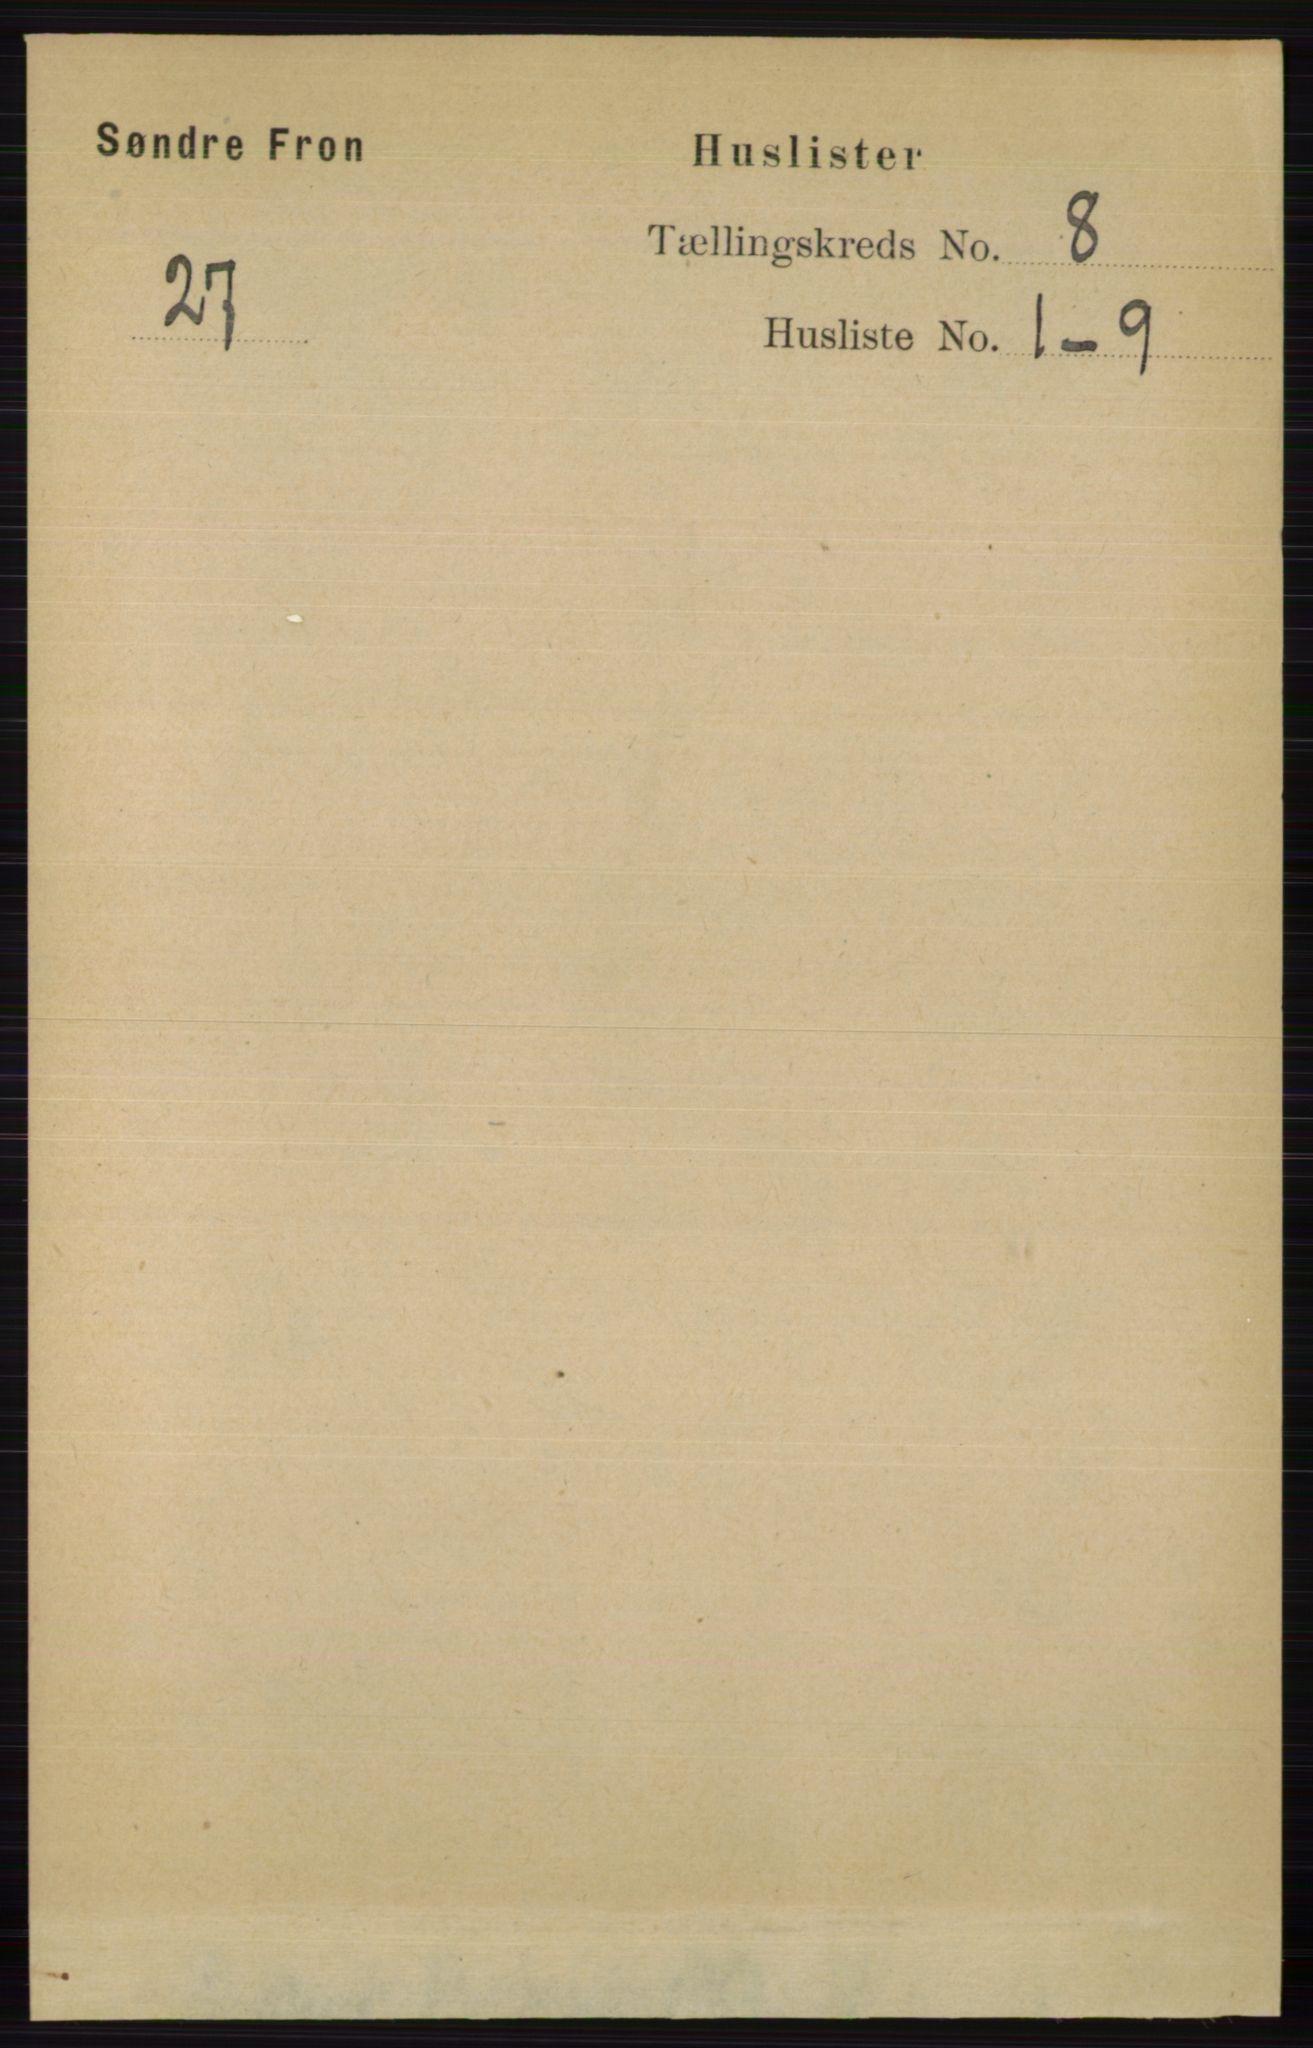 RA, Folketelling 1891 for 0519 Sør-Fron herred, 1891, s. 3707